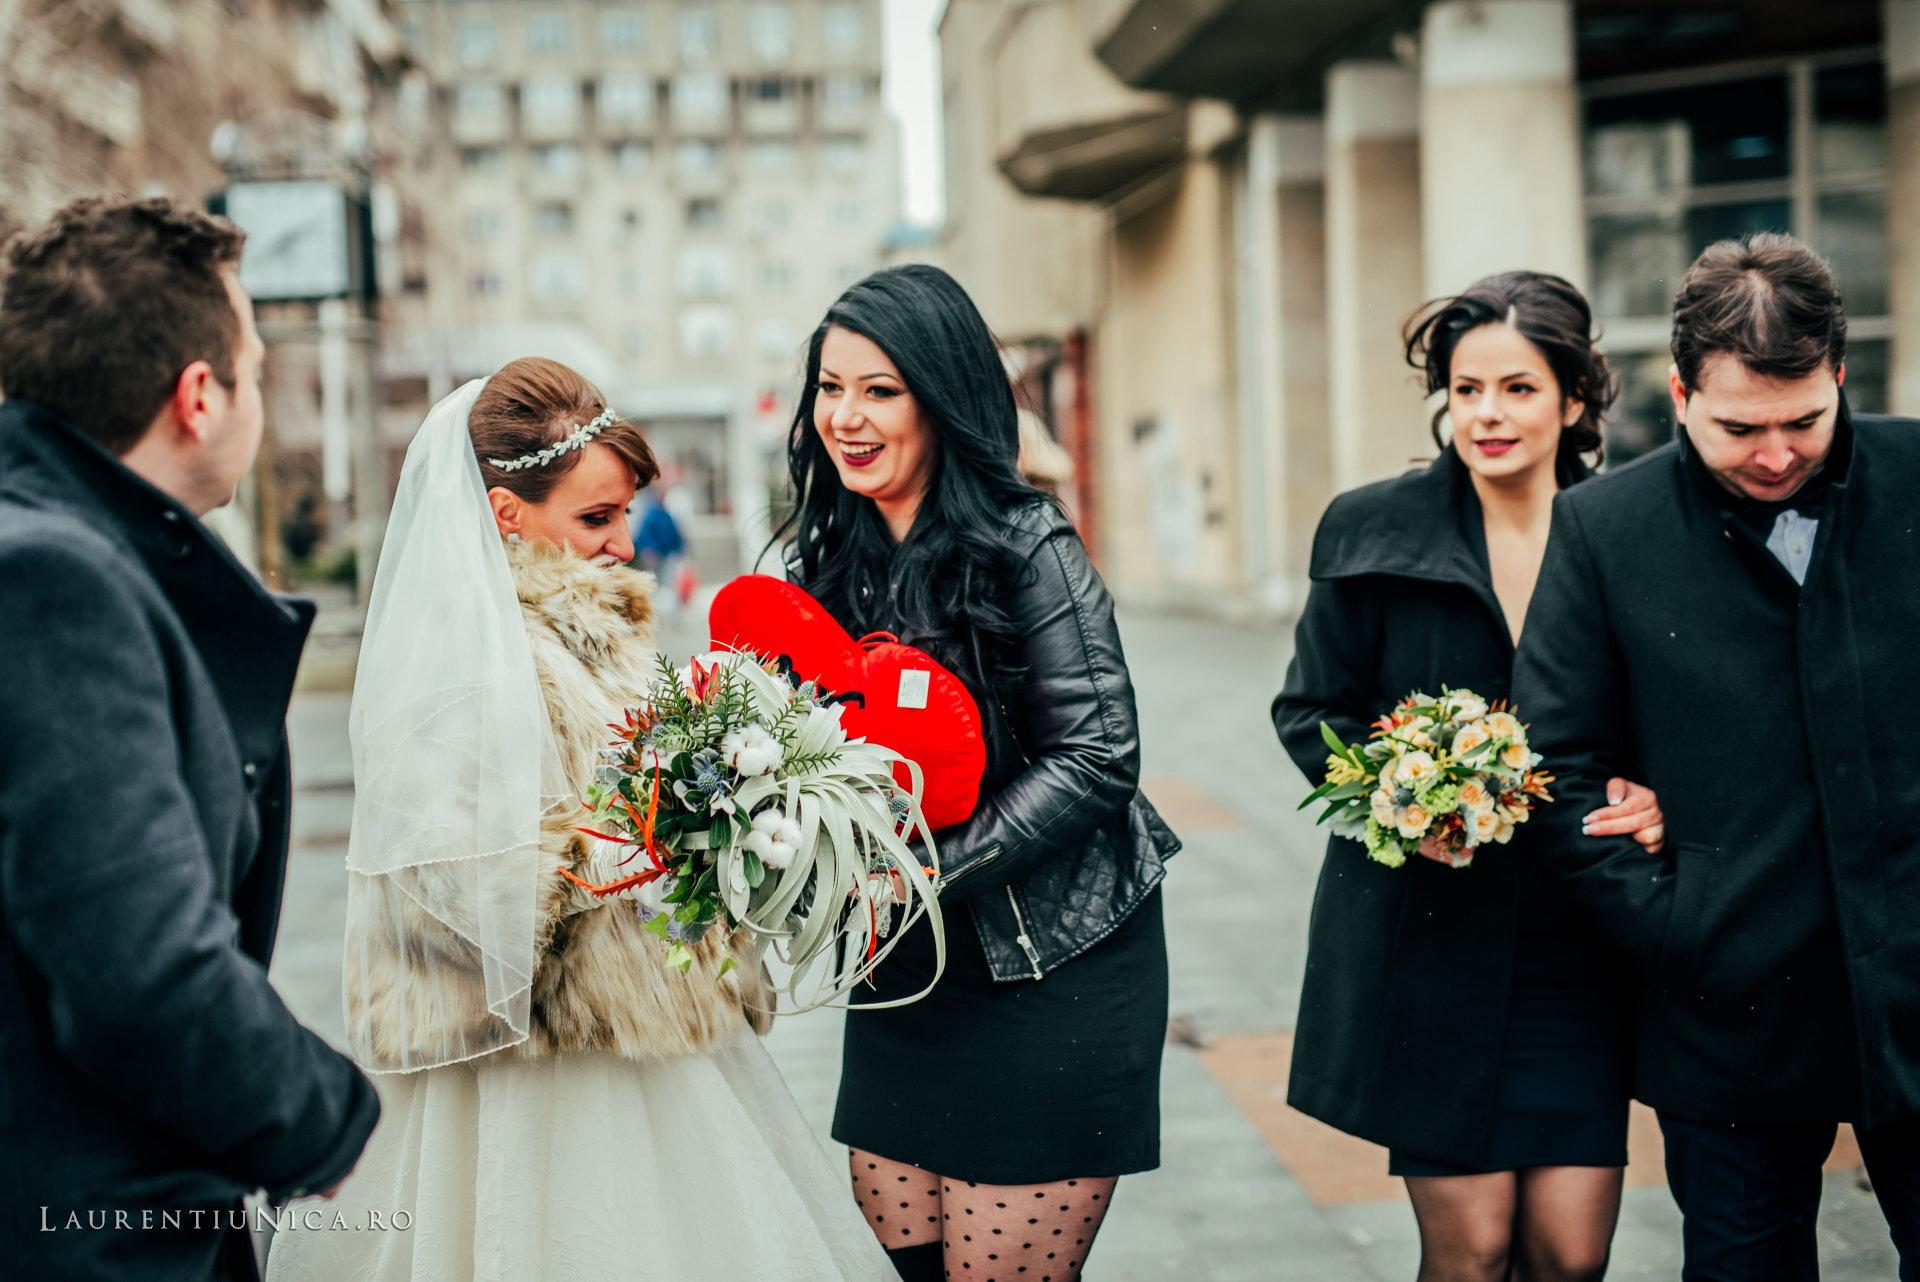 daniela si marius fotografii nunta craiova laurentiu nica32 - Daniela & Marius | Fotografii nunta